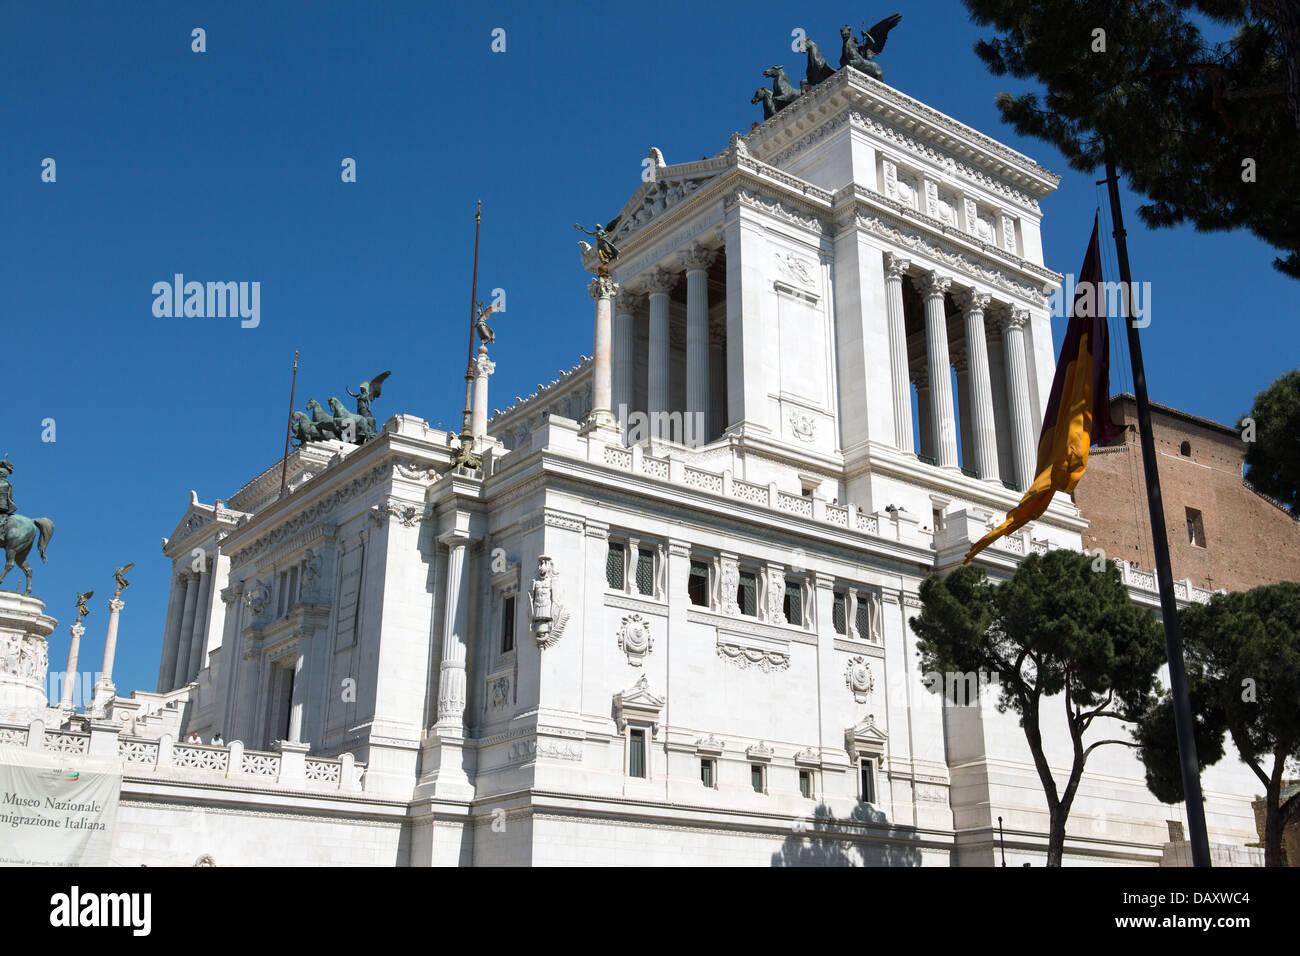 S'appuyant sur le monument de la place de Venise, Rome, Italie Photo Stock